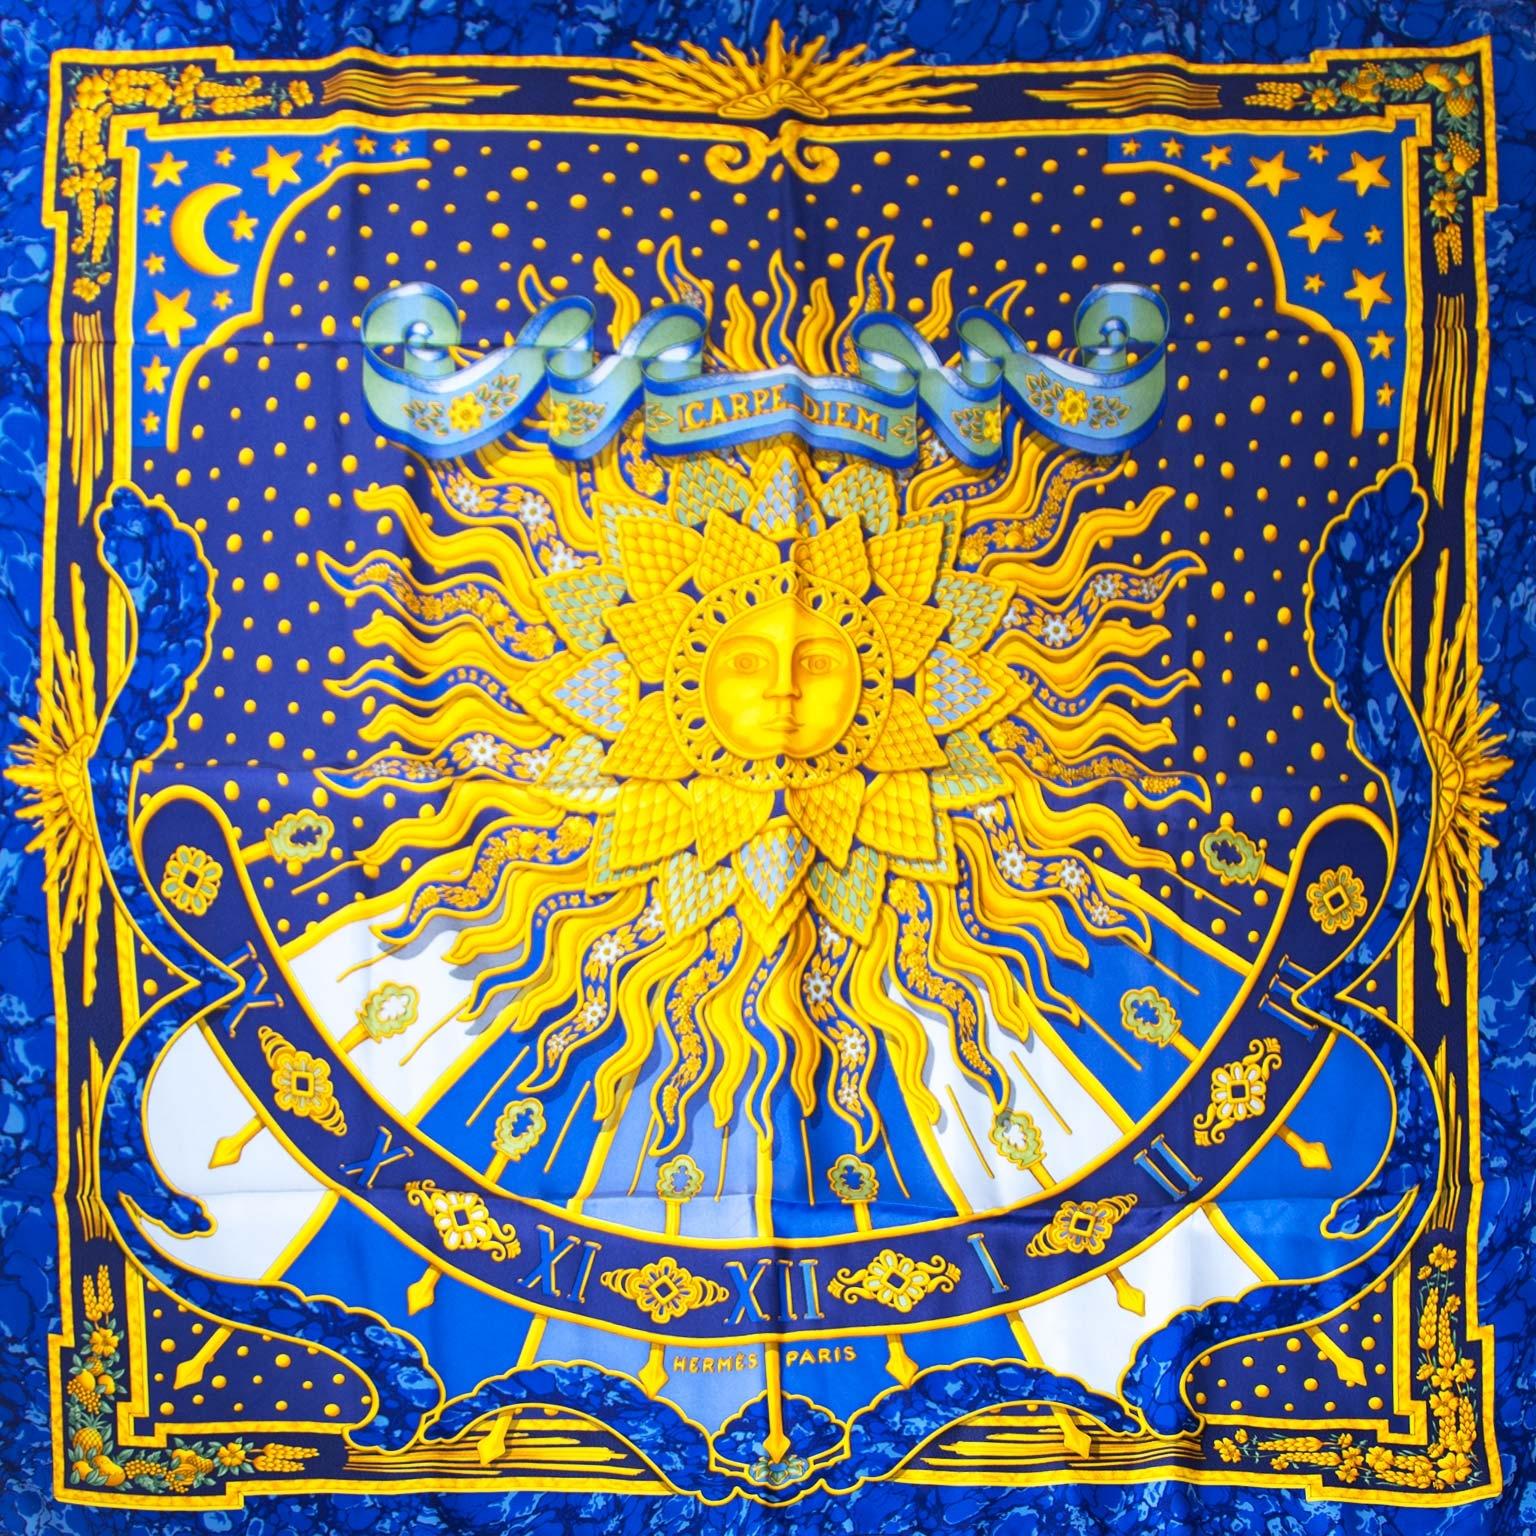 Bent u op zoek naar een authentieke designer sjaal van het merk Hermes? Koop snel en makkelijk bij Labellov in Antwerpen of online op www.labellov.com